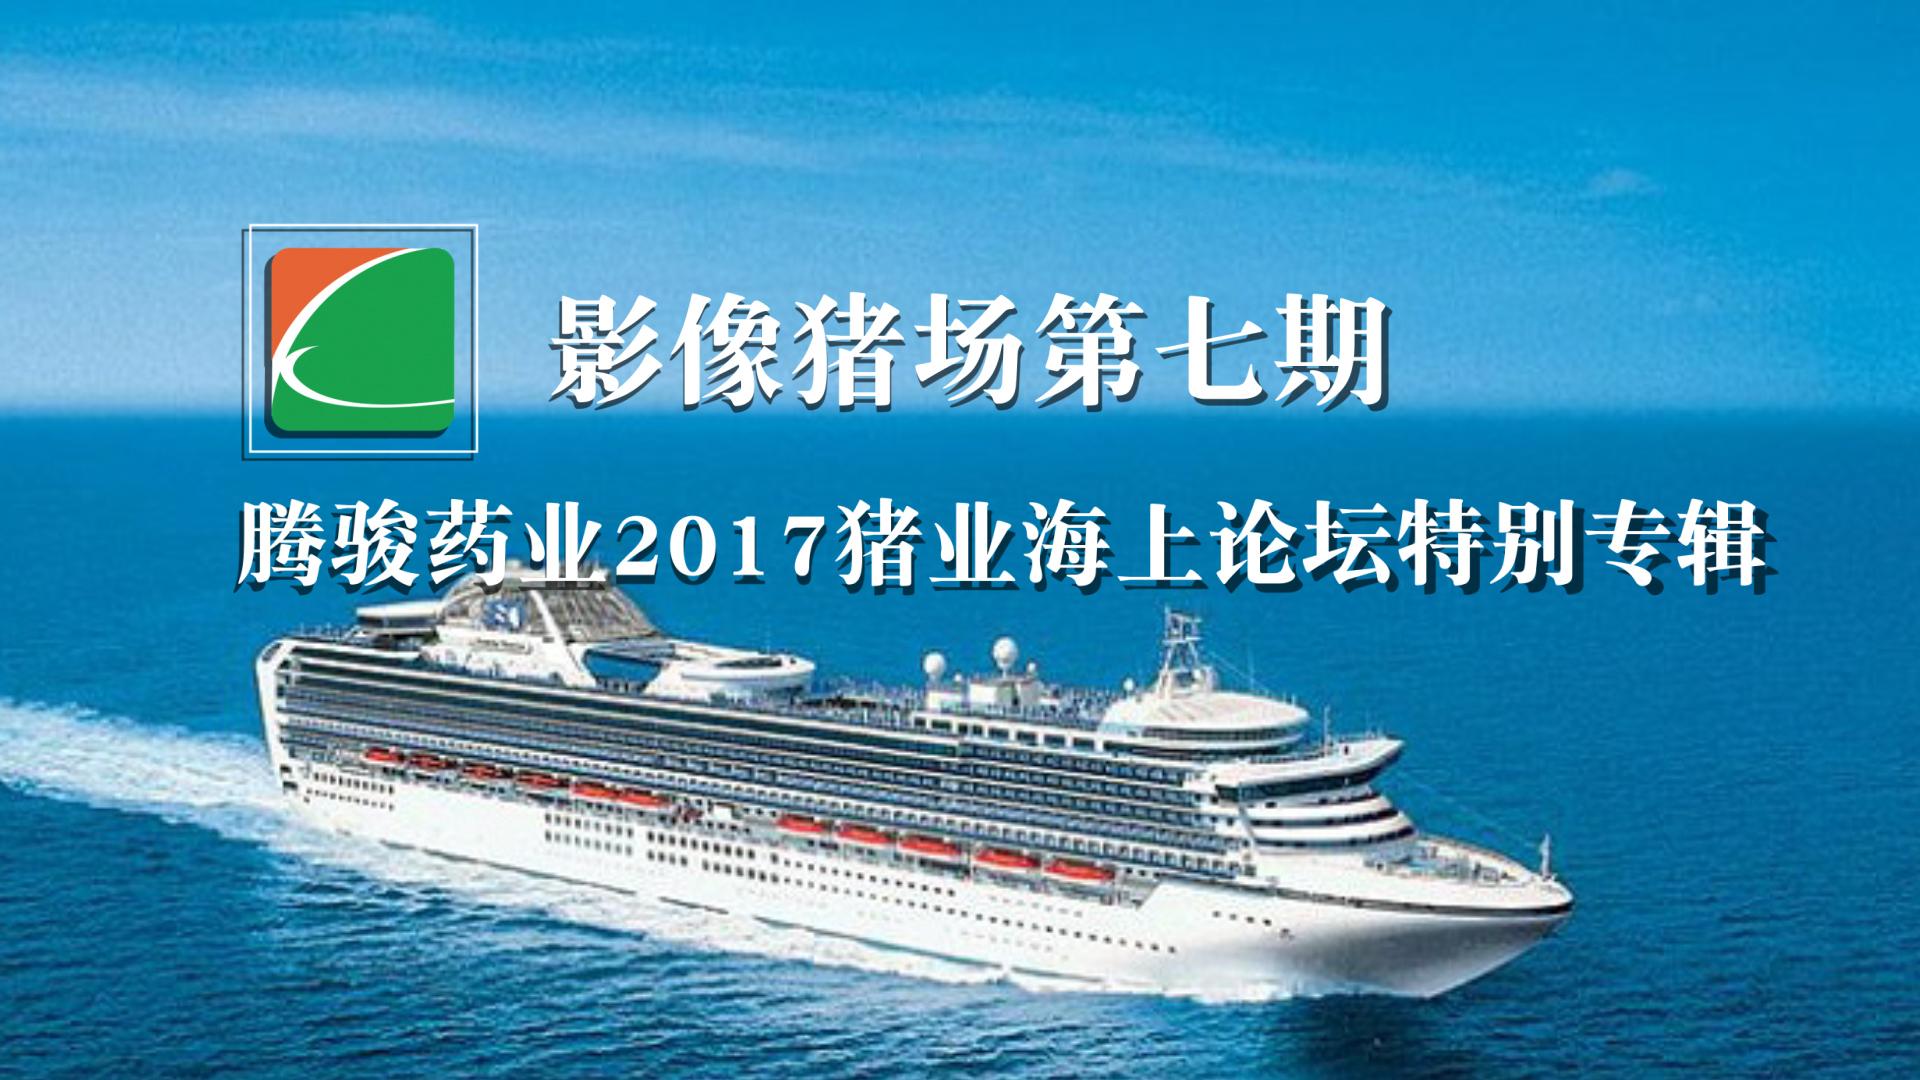 《影像猪场》第七期:2017腾骏中国猪业海上论坛特别专辑